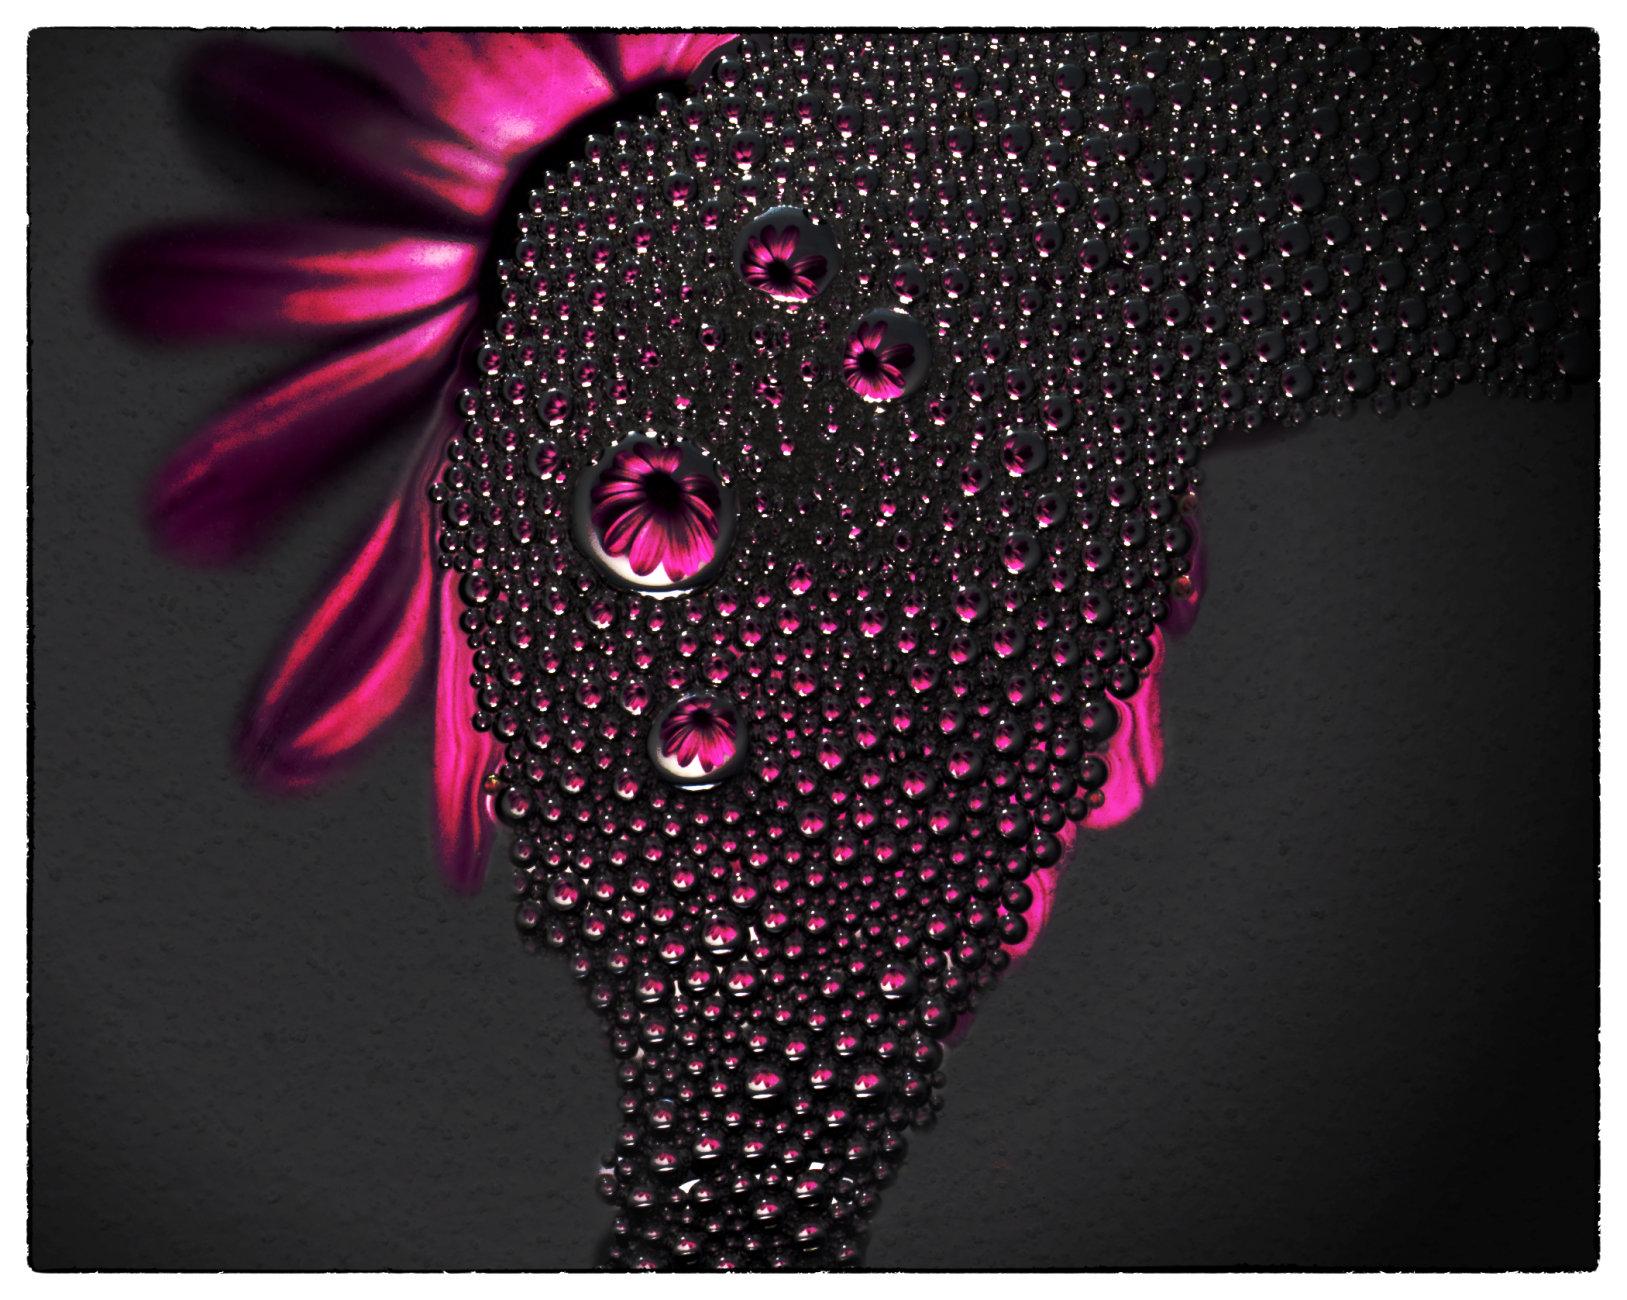 Flowery bubbles